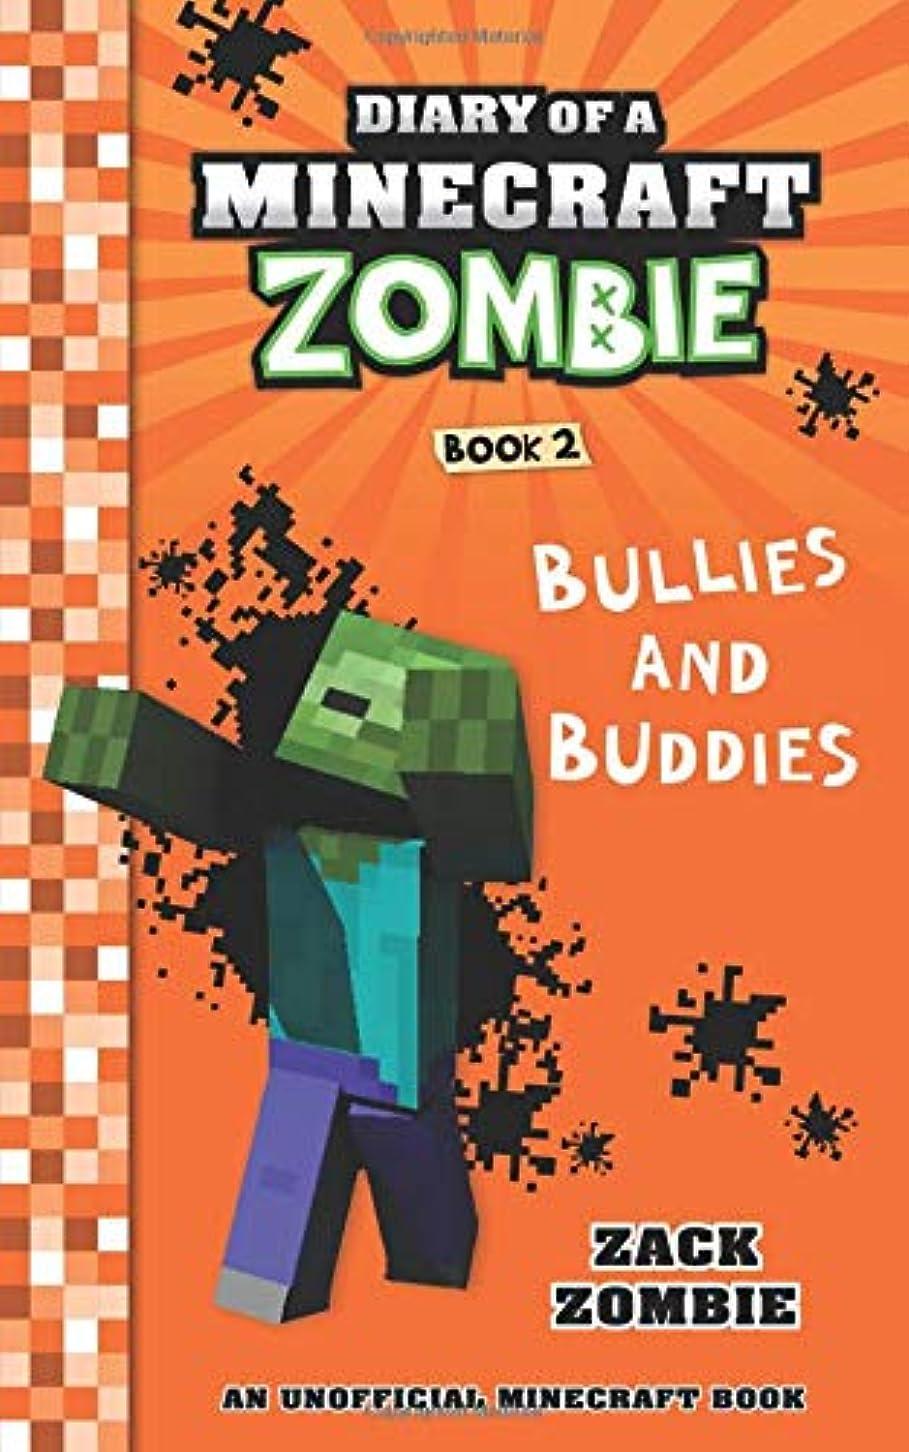 ダッシュワーディアンケース人Diary of a Minecraft Zombie Book 2: Bullies and Buddies